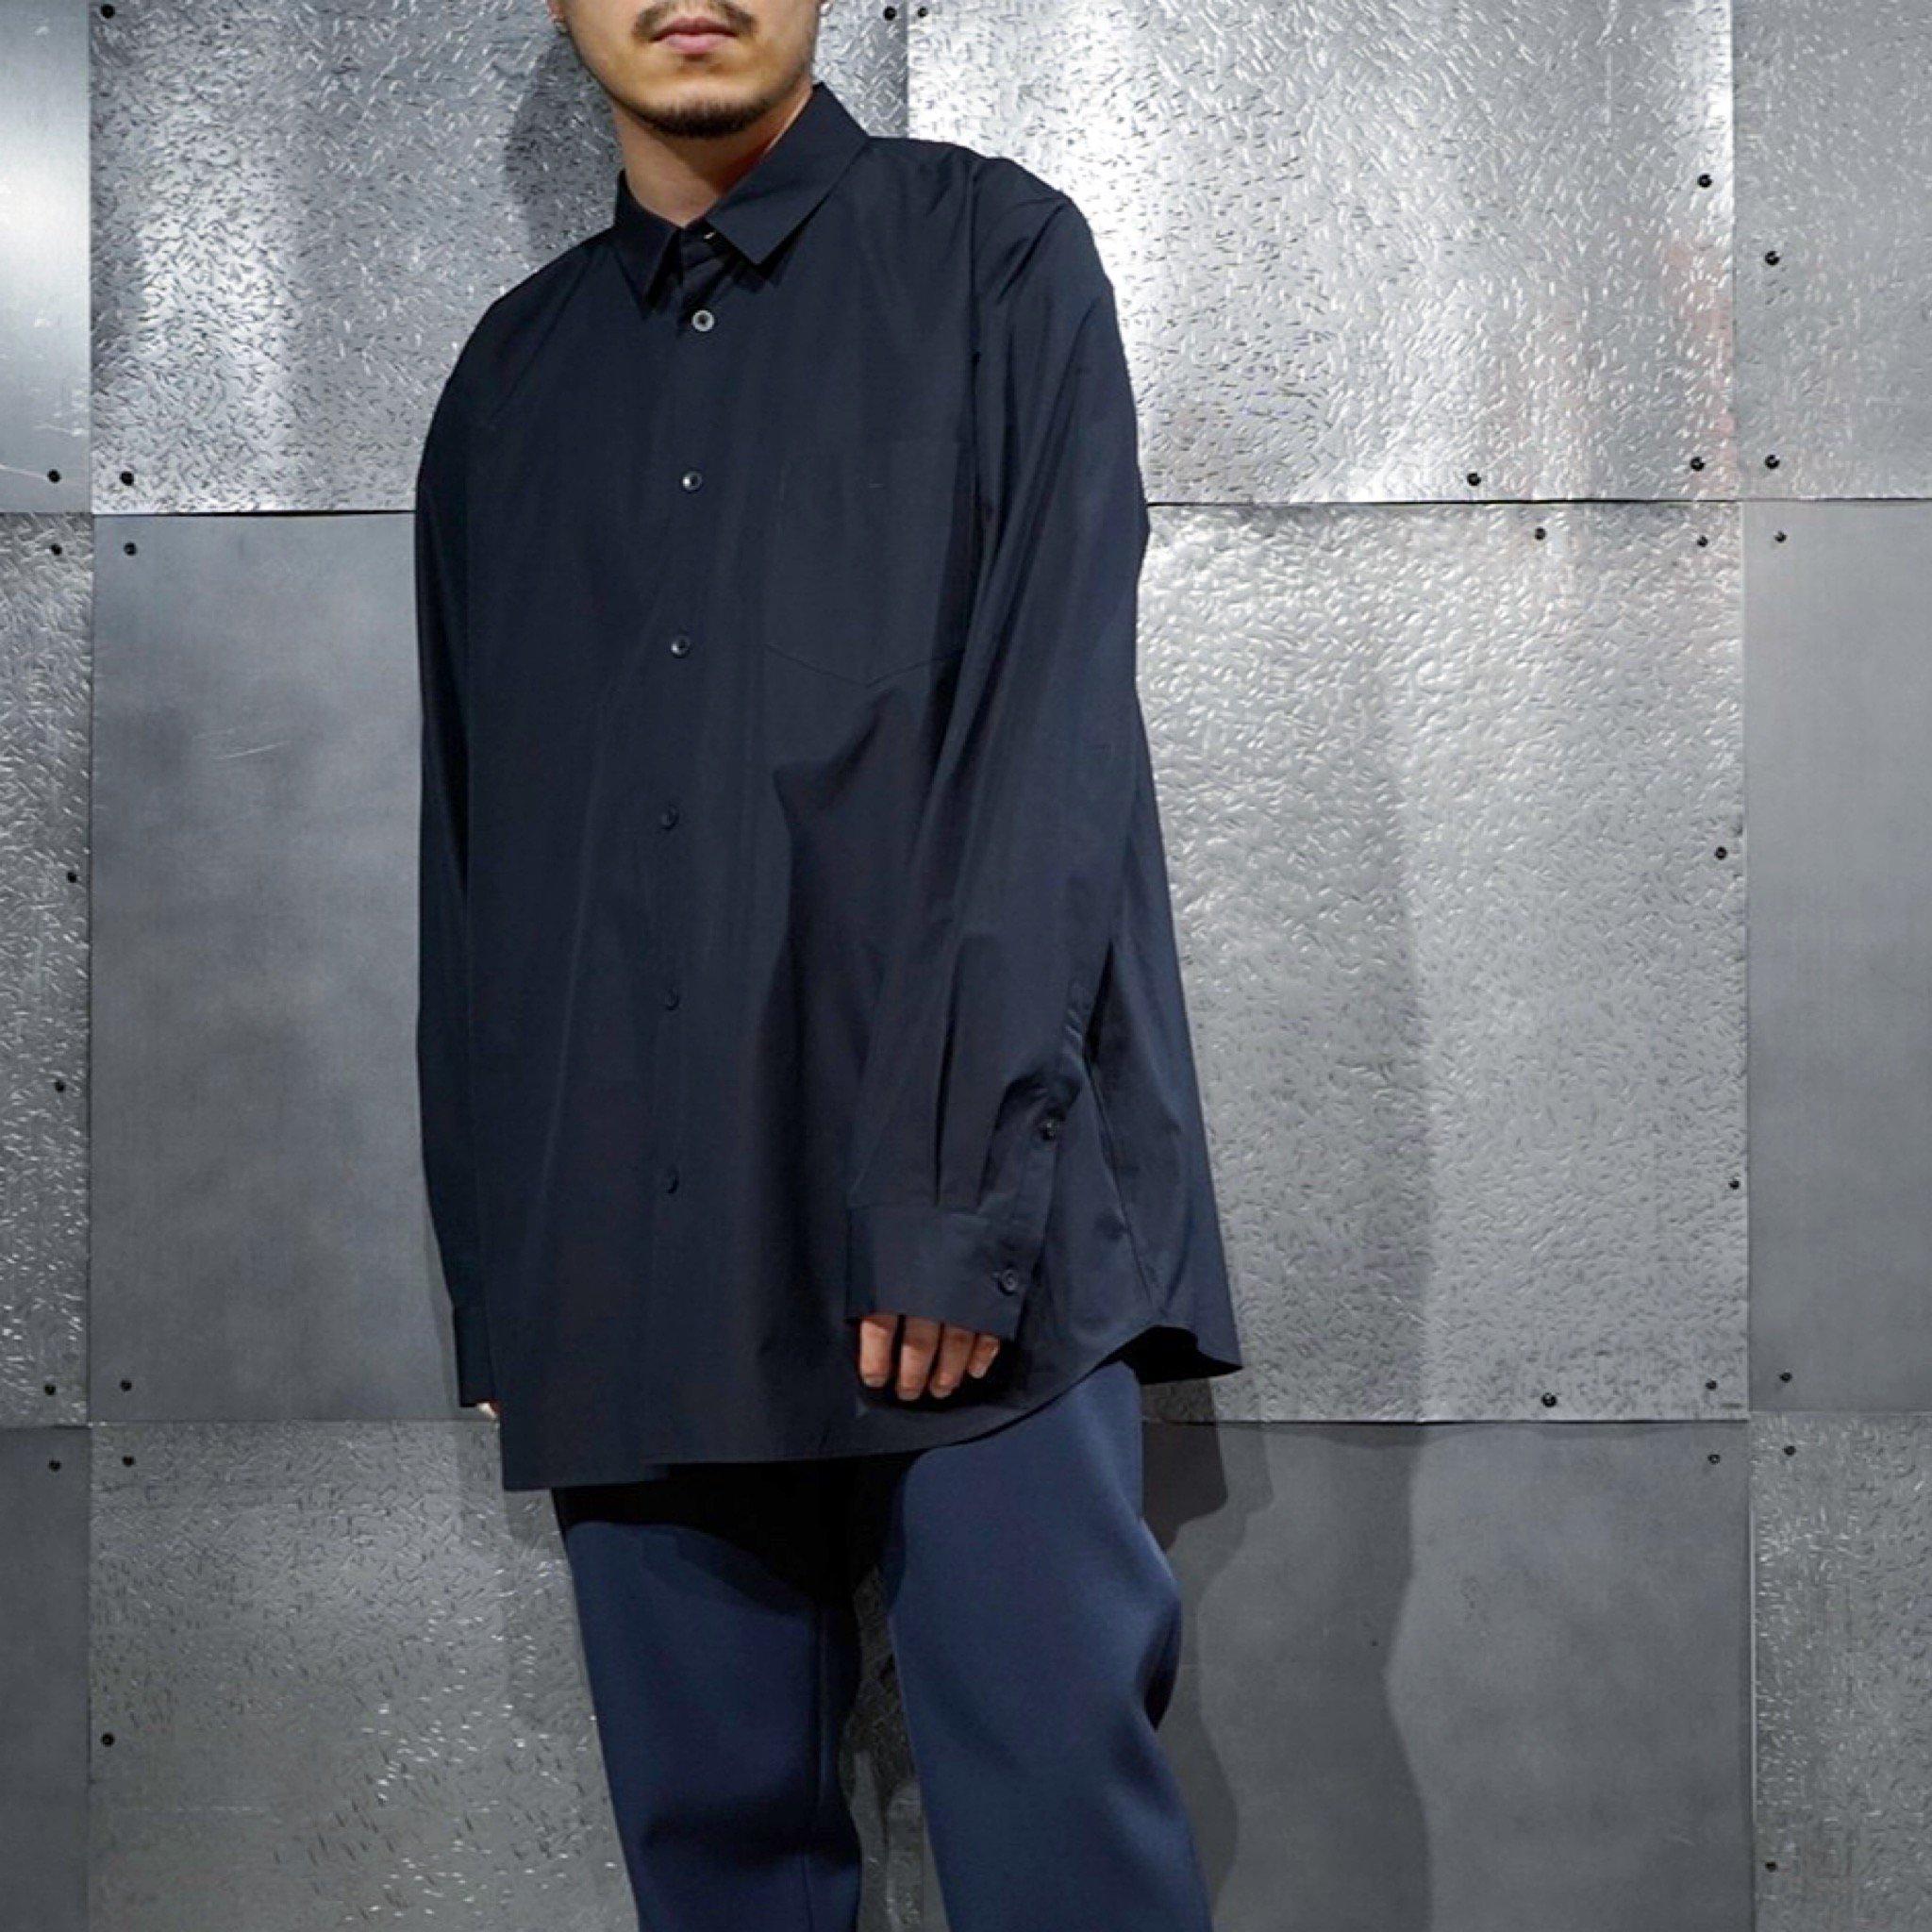 【ATON】<BR>オーバーサイズシャツ ギザブロードクロス